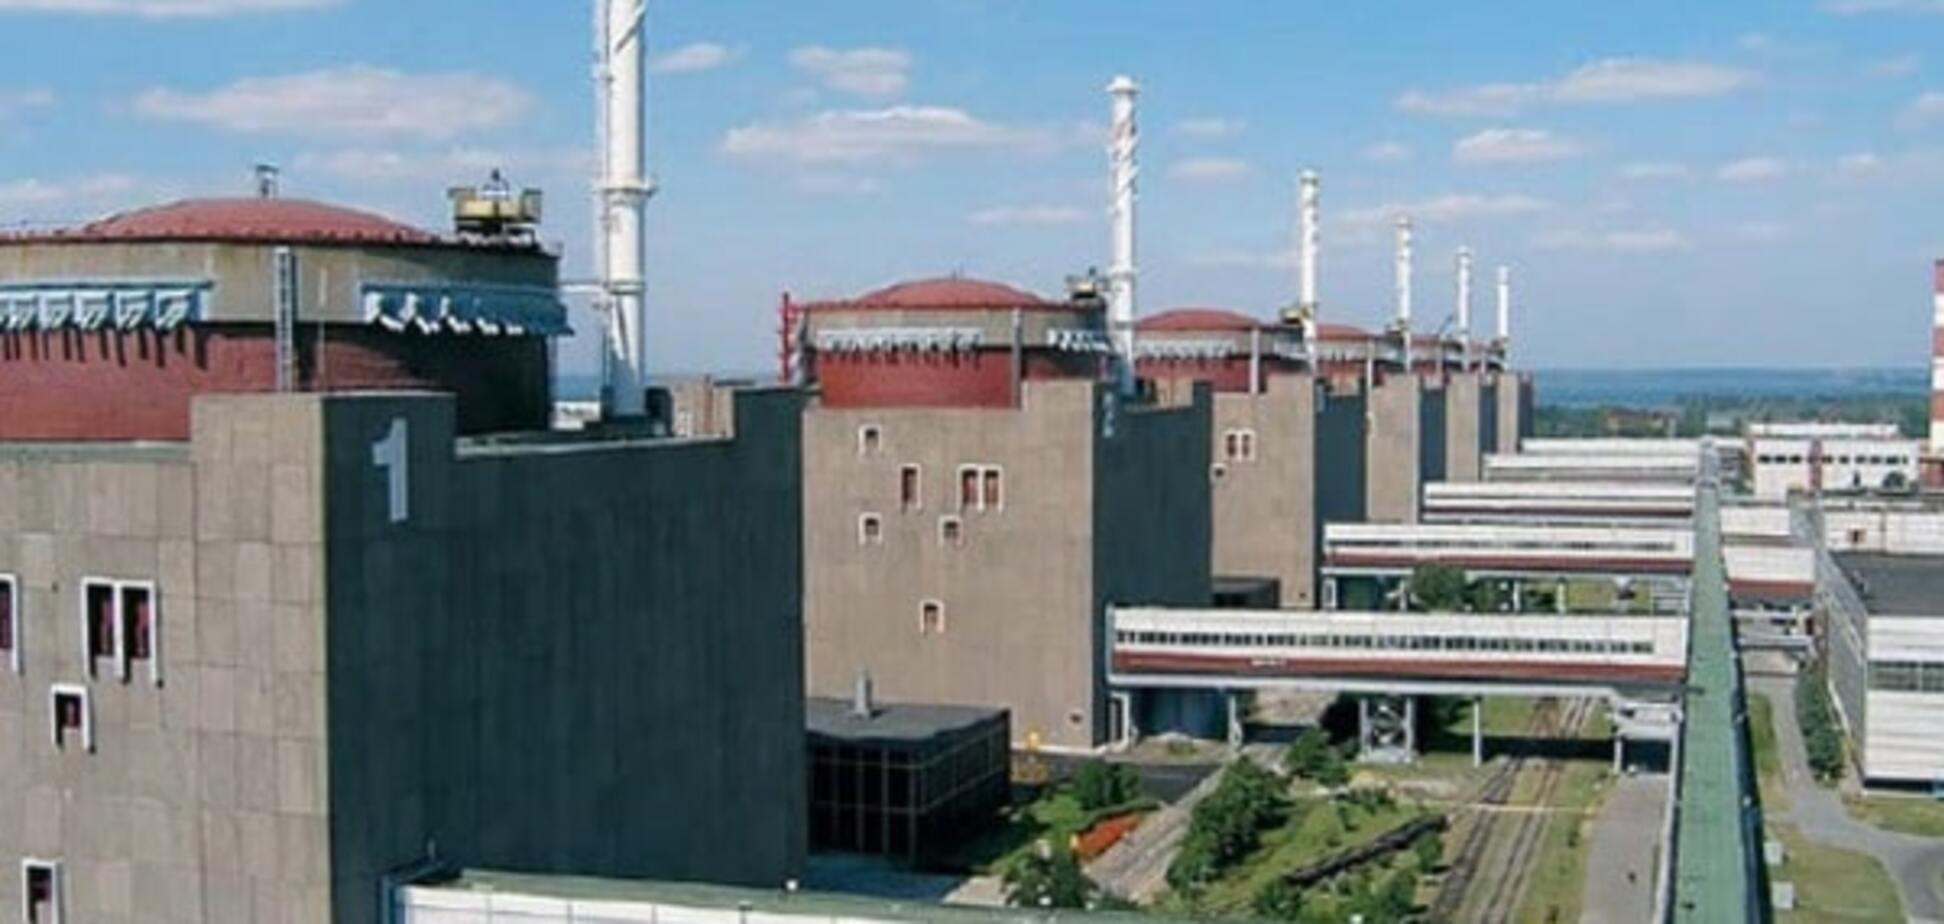 Проблеми на Запорізькій АЕС: відключений шостий енергоблок